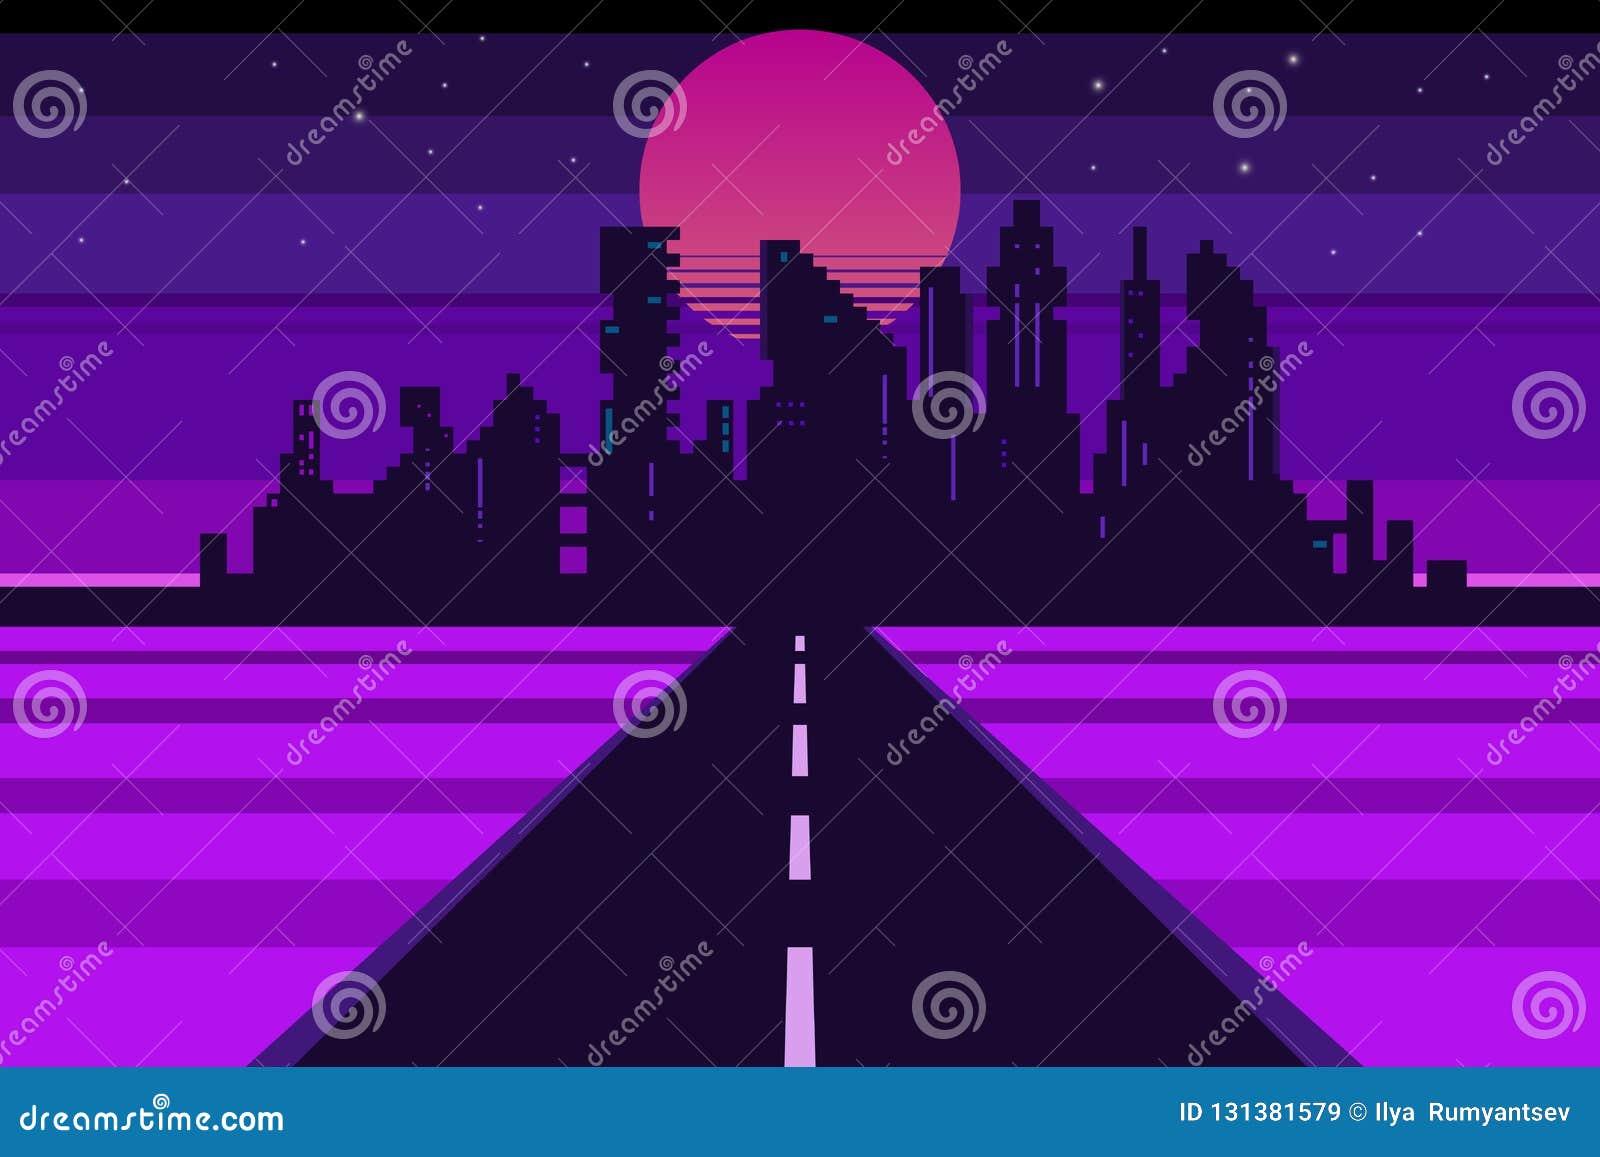 Retro city landscape, futuristic background